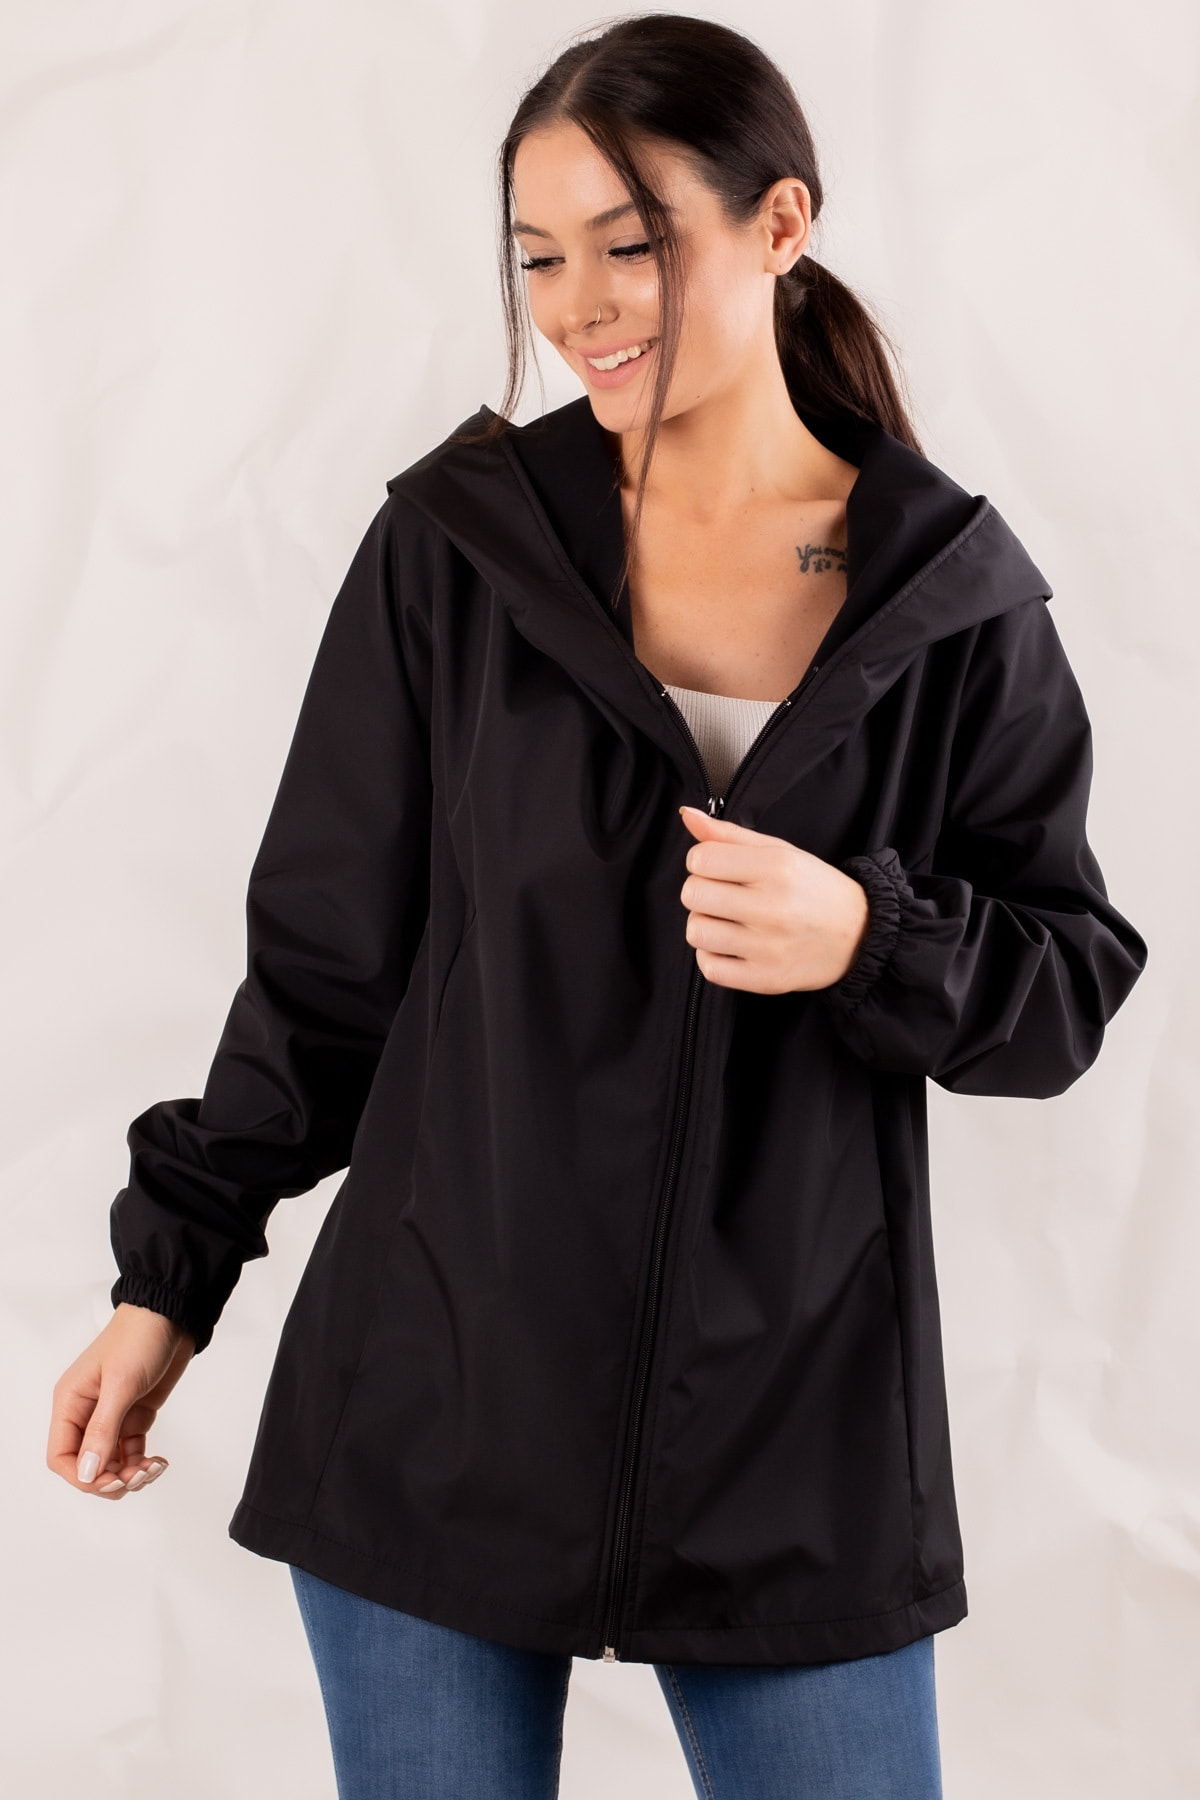 armonika Kadın Siyah Fermuarlı Kapişonlu Yağmurluk ARM-20K001187 2